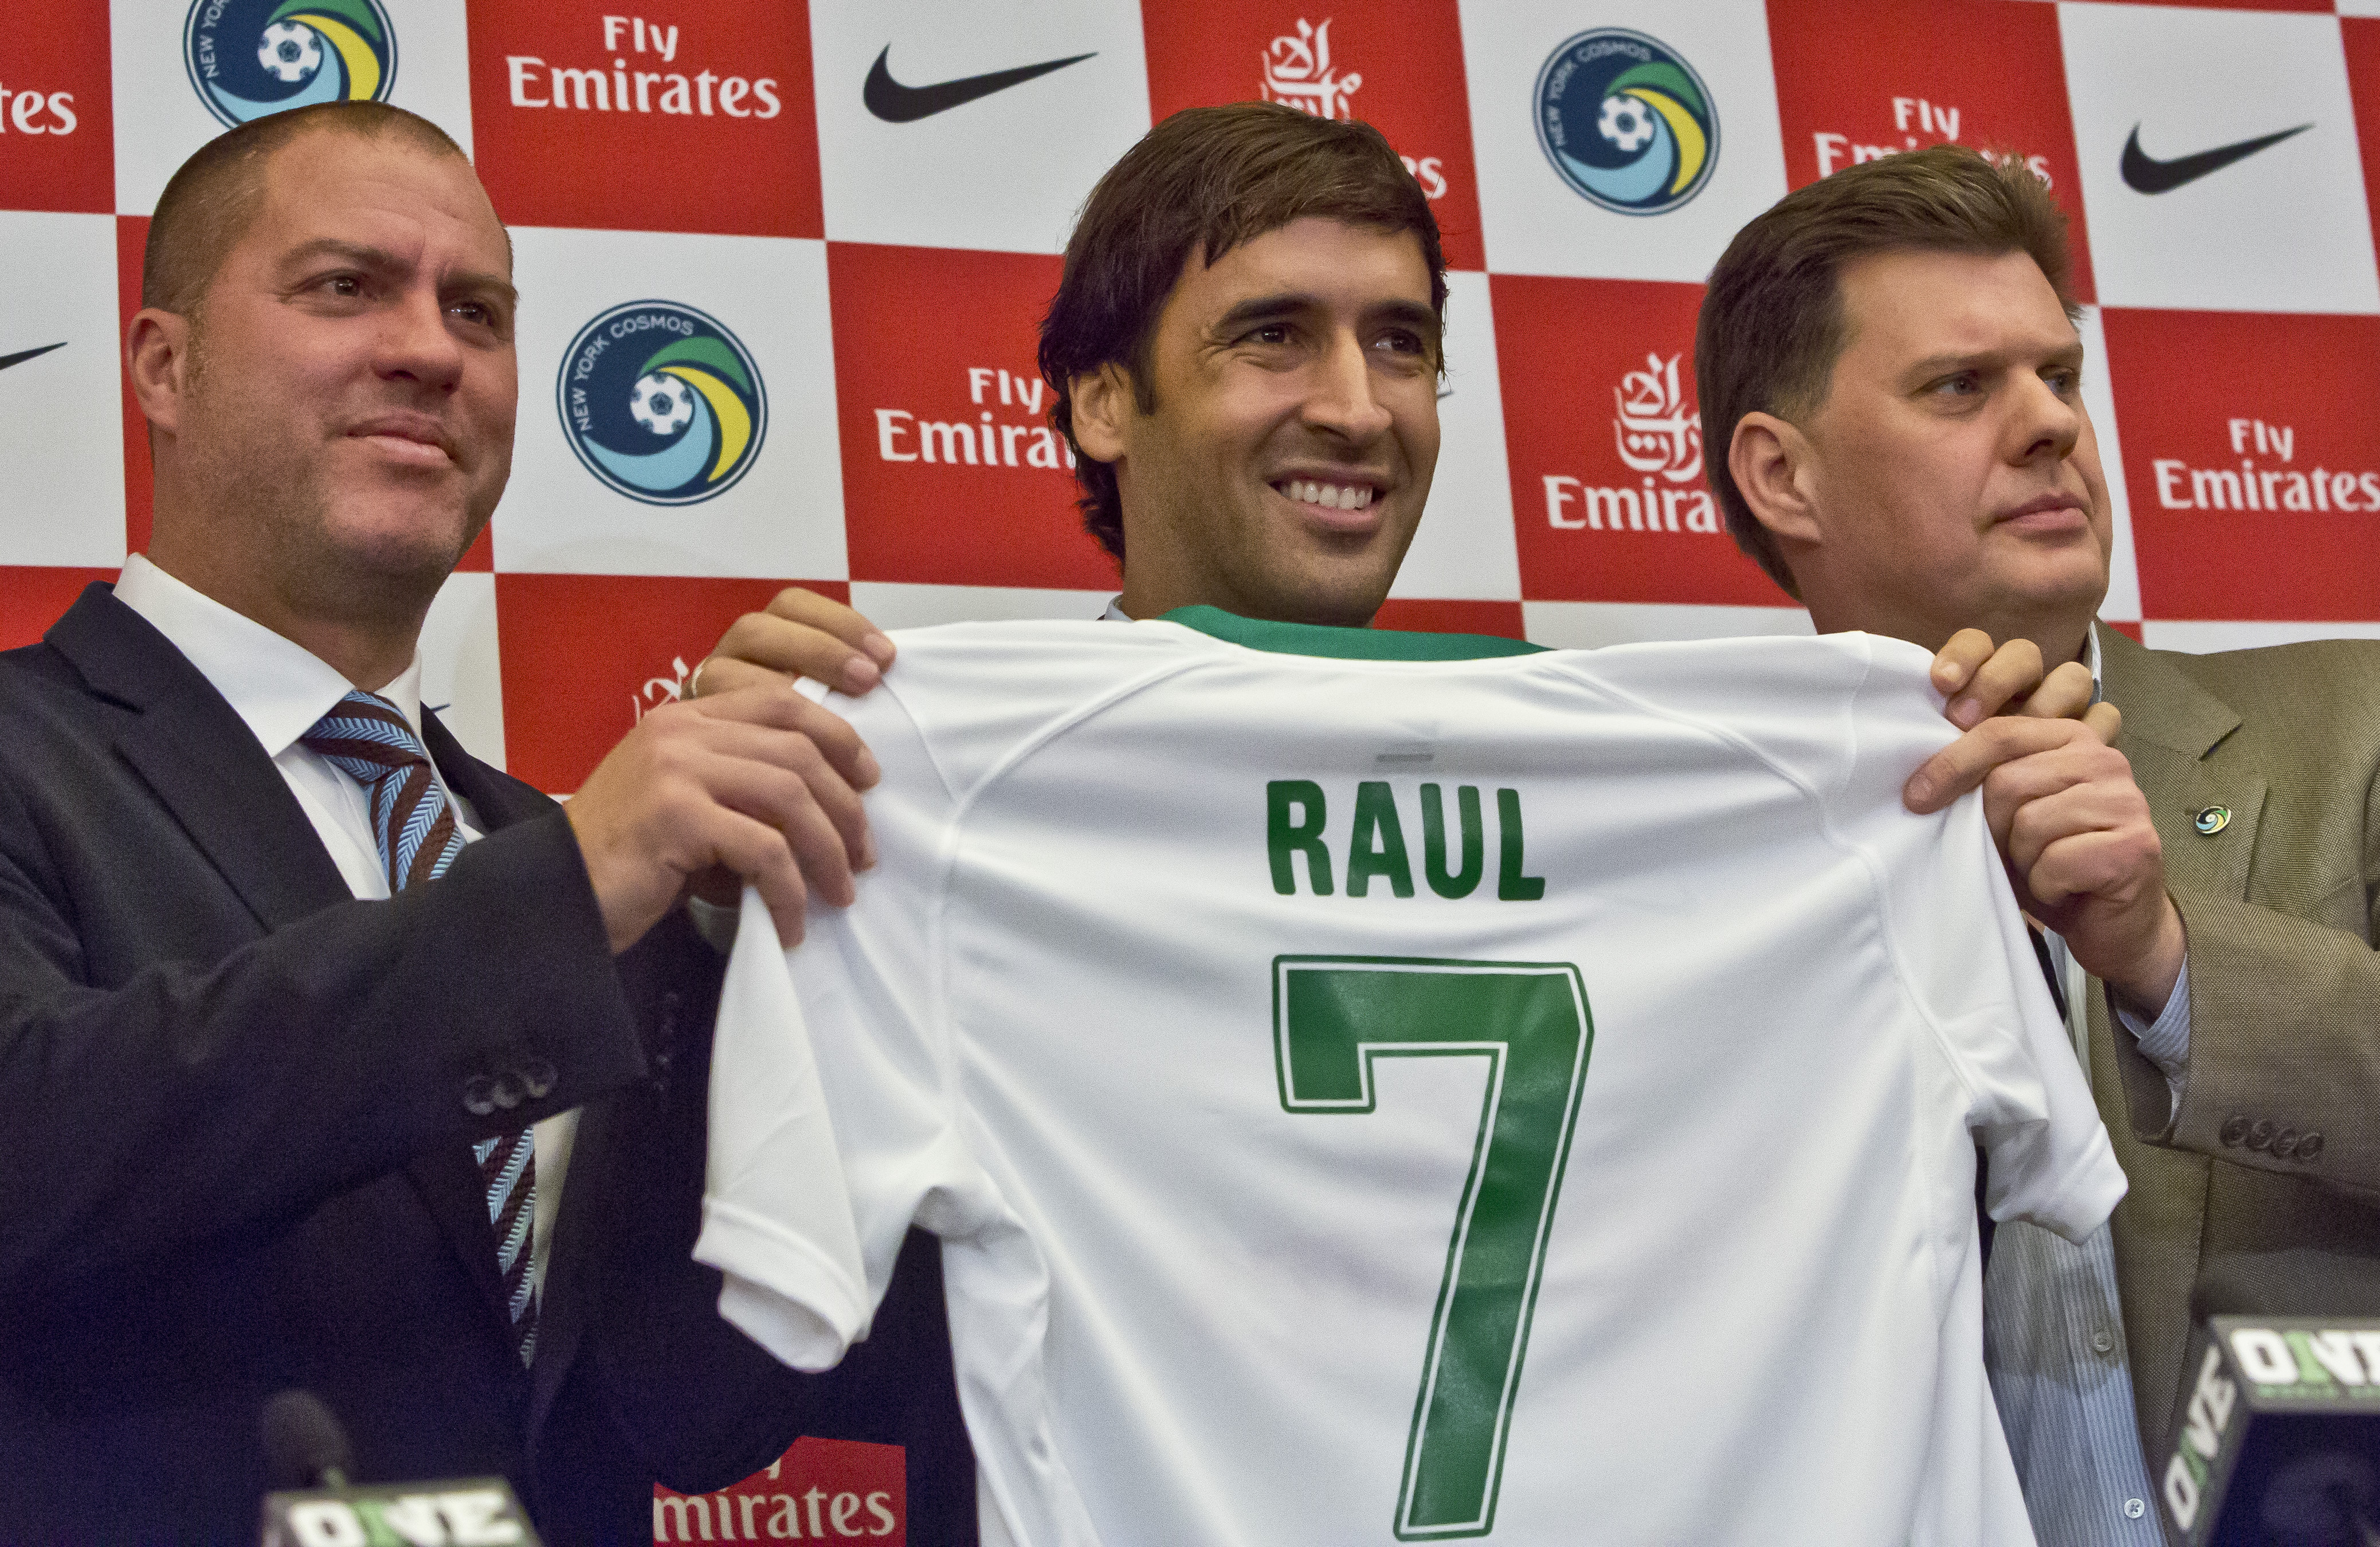 cosmos_raul_retires_soccer-80565b4f5dad4_r6989.jpeg